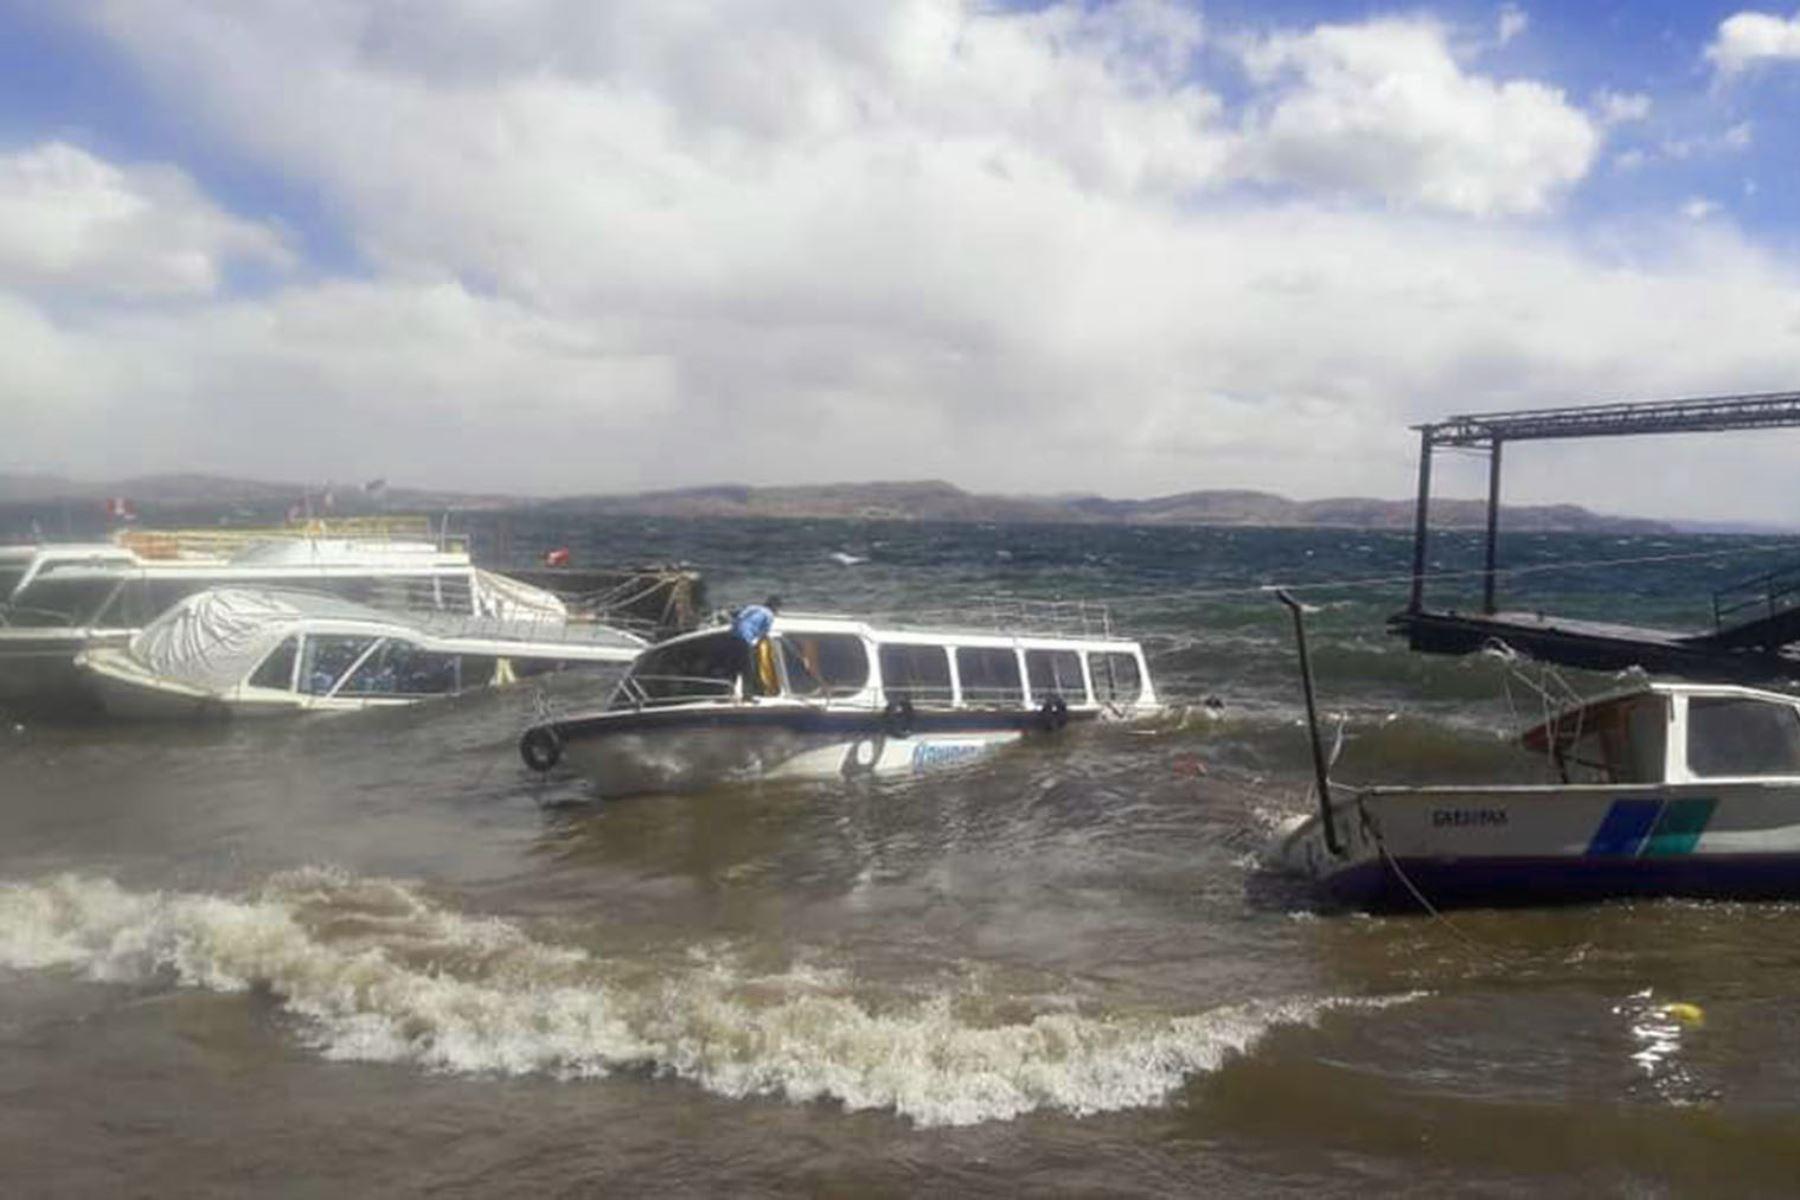 Vientos fuertes causan oleajes anómalos en el lago Titicaca, en Puno. ANDINA